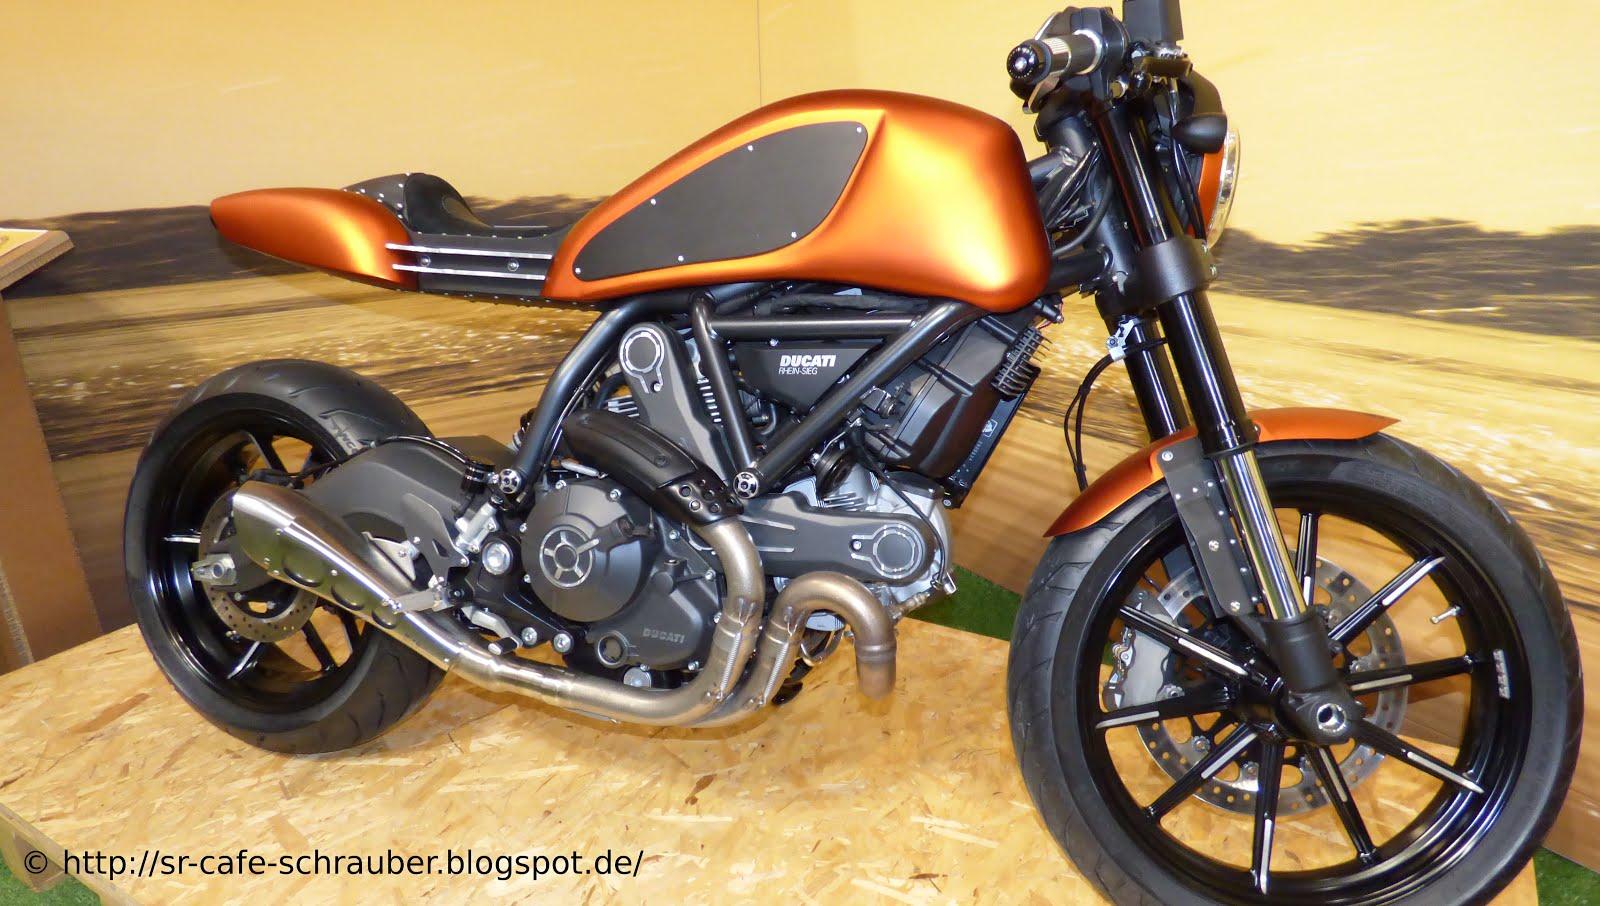 Ein Schoner Racer Umbau Auf Basis Der Ducati Scrambler